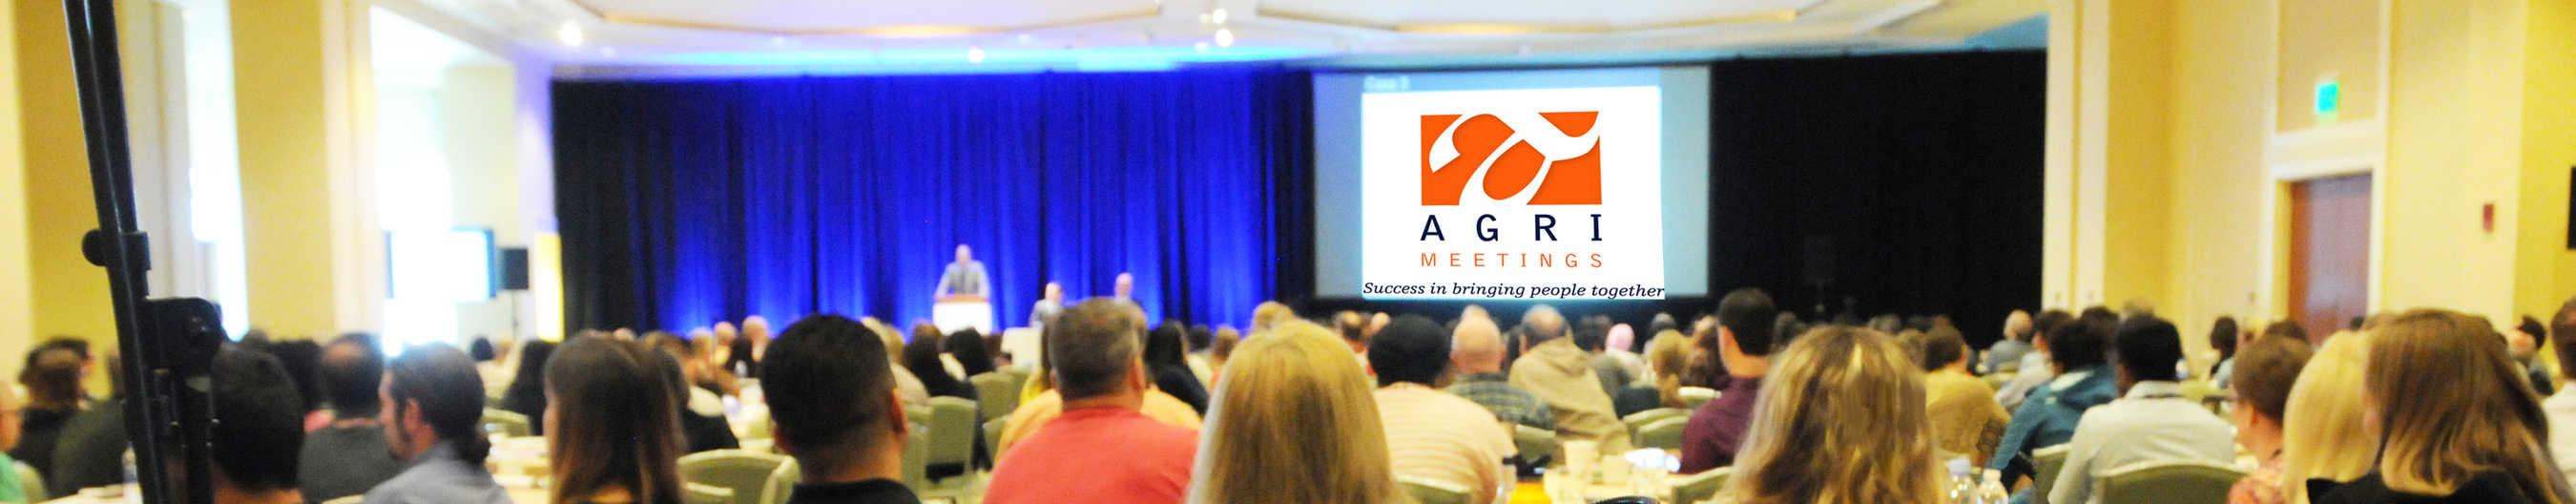 Agri Meetings